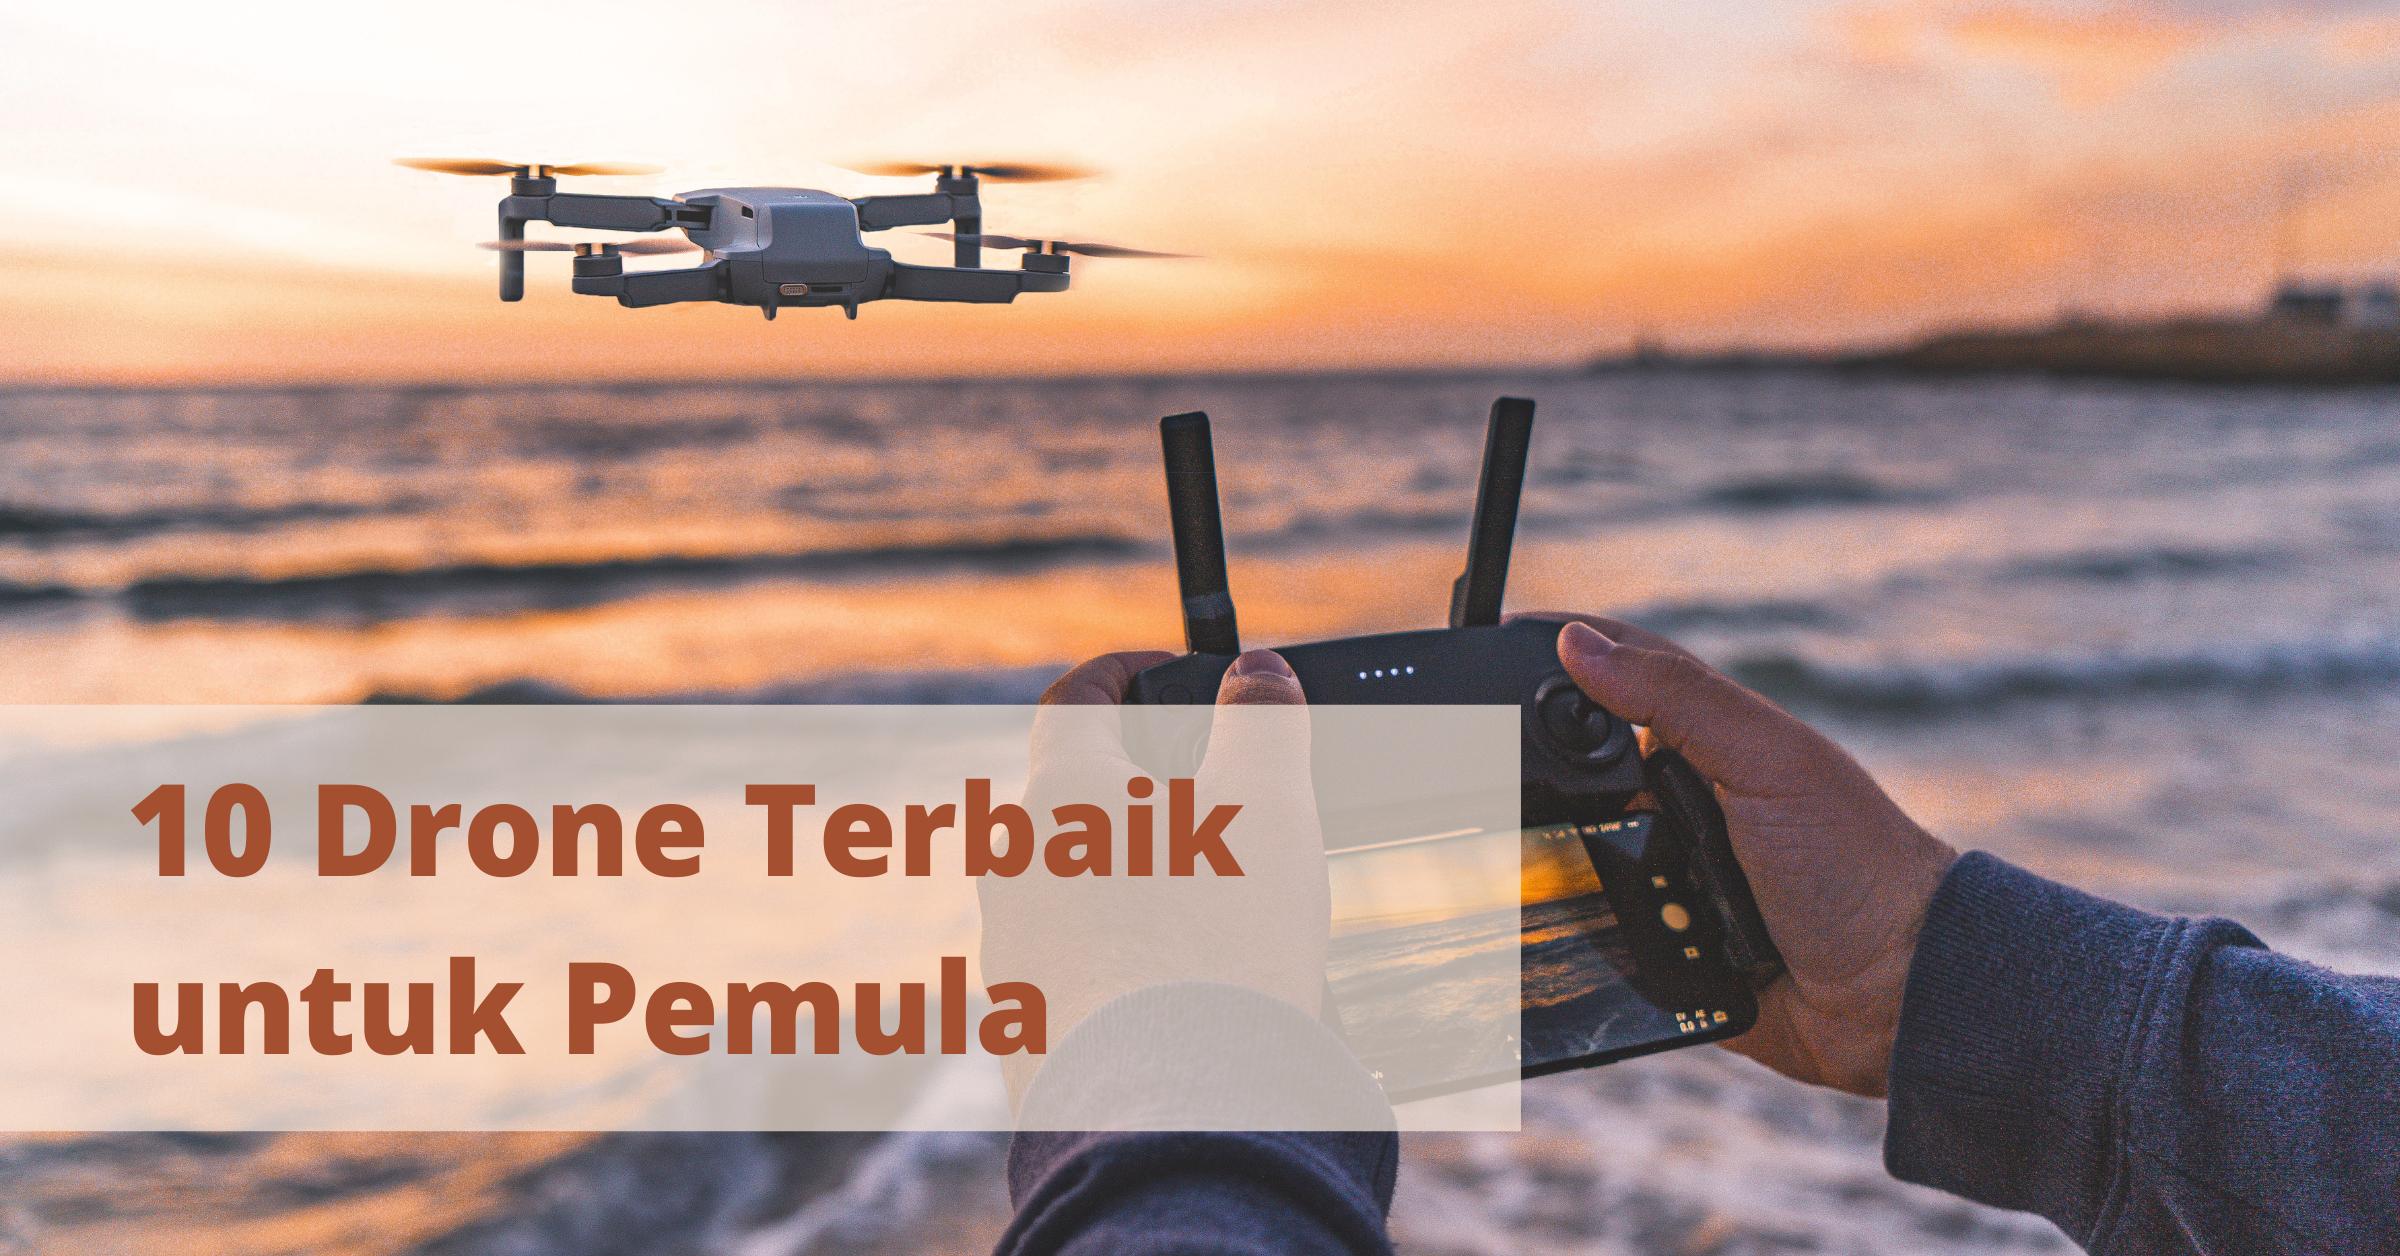 Drone Terbaik untuk Pemula Pilihan